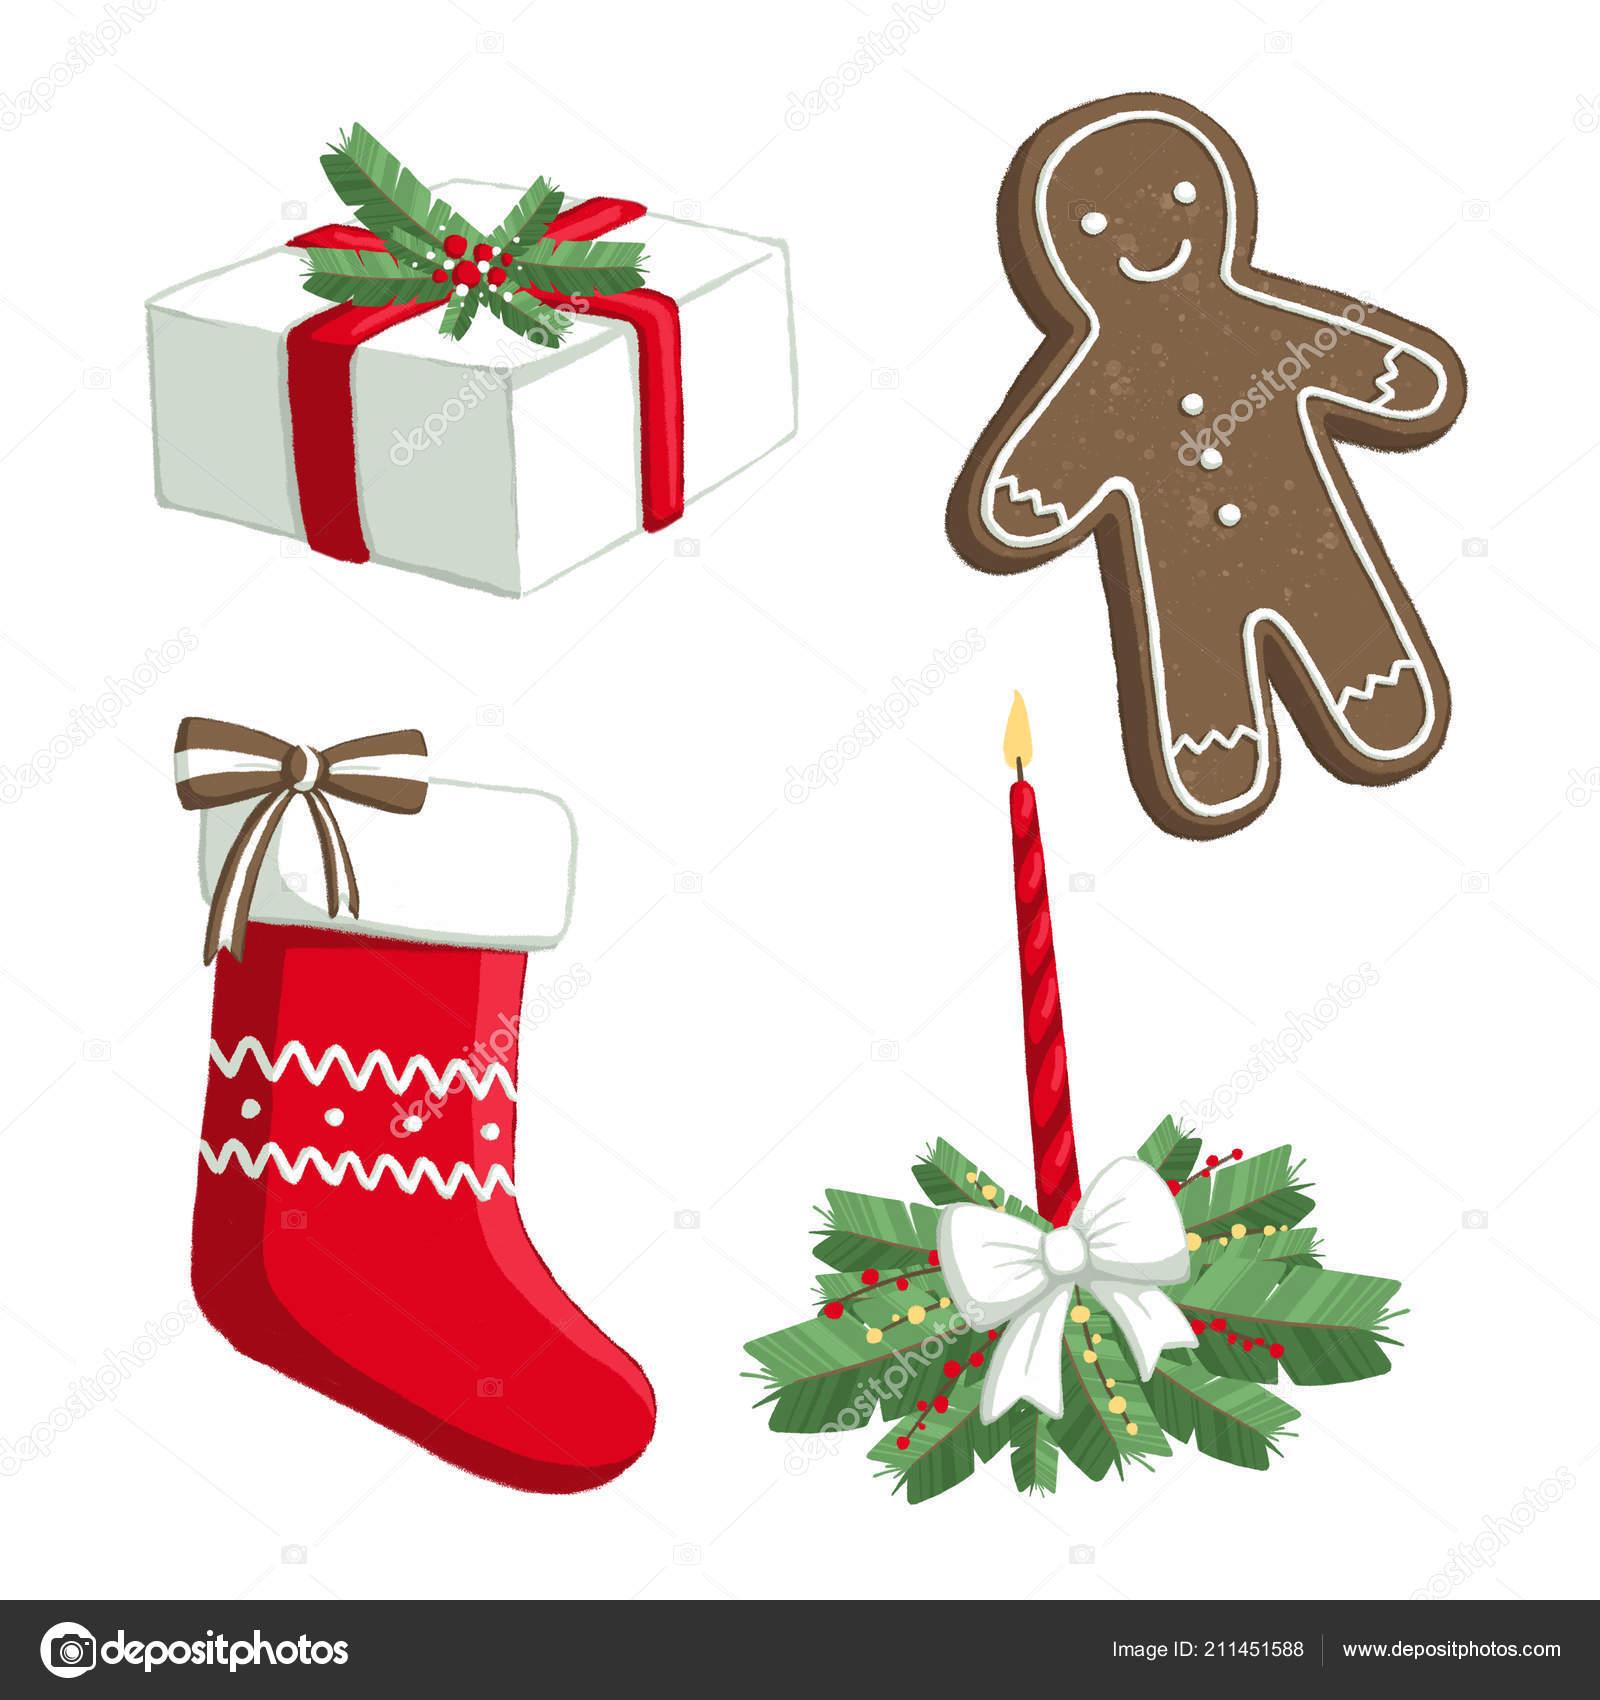 Isolierte Weihnachten Abbildung Set Mit Geschenk Socke Kerze ...